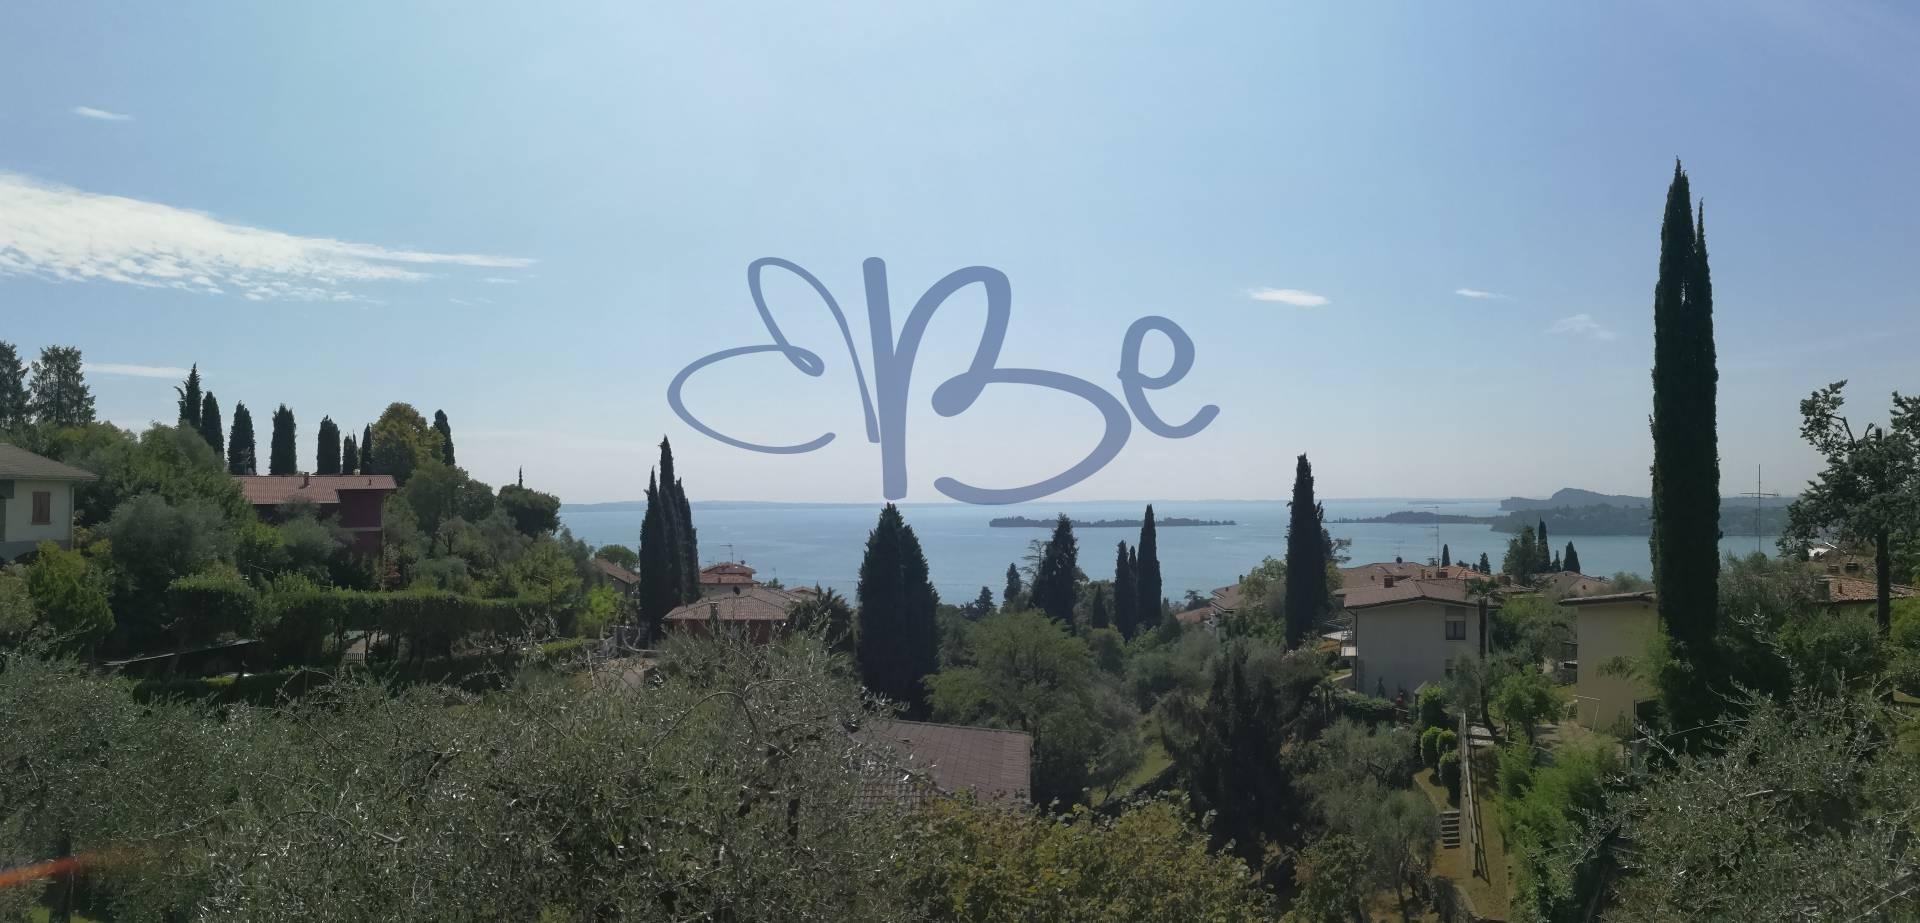 Villa in vendita a Gardone Riviera, 4 locali, zona Località: GardoneSopra, prezzo € 480.000 | CambioCasa.it